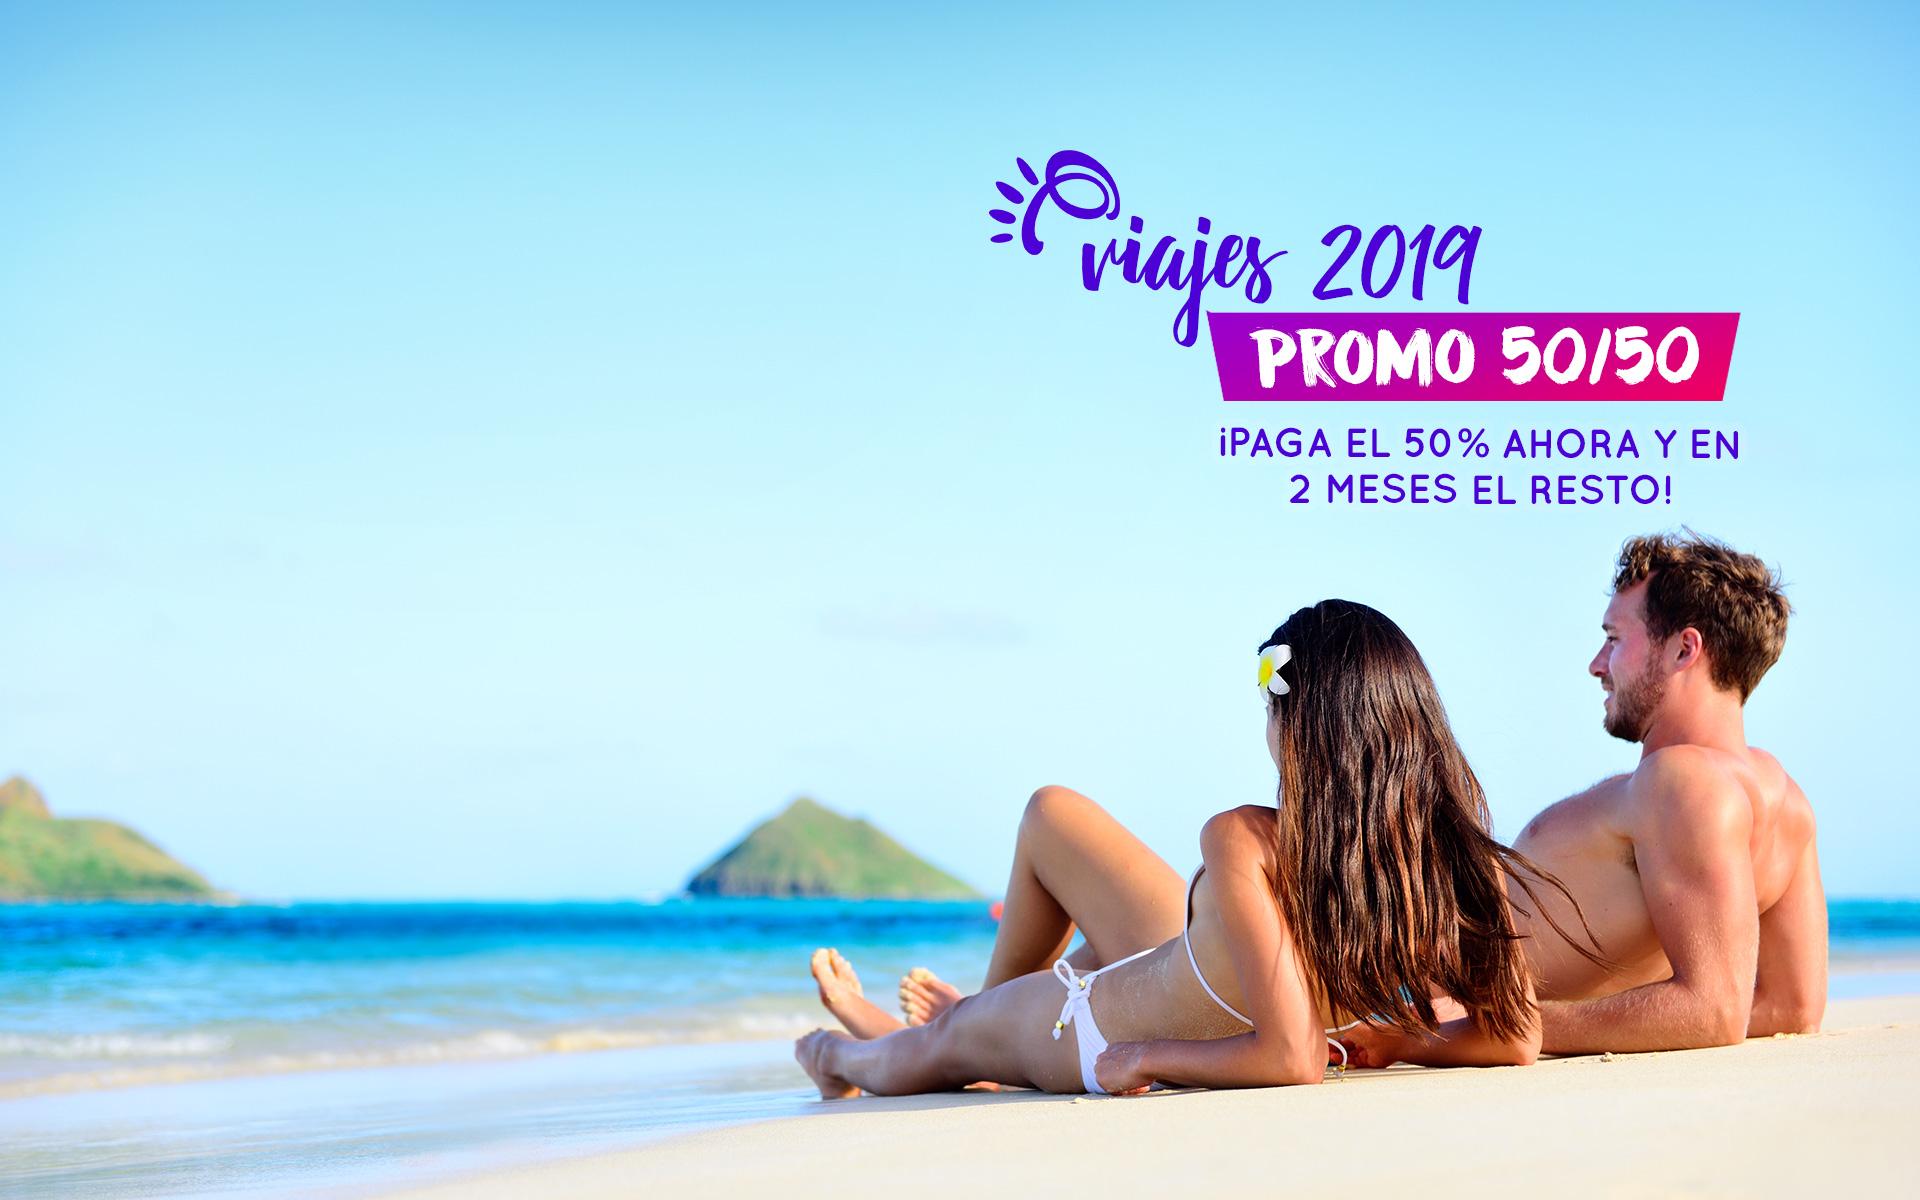 Viajes 2019 Viajar con Promociones